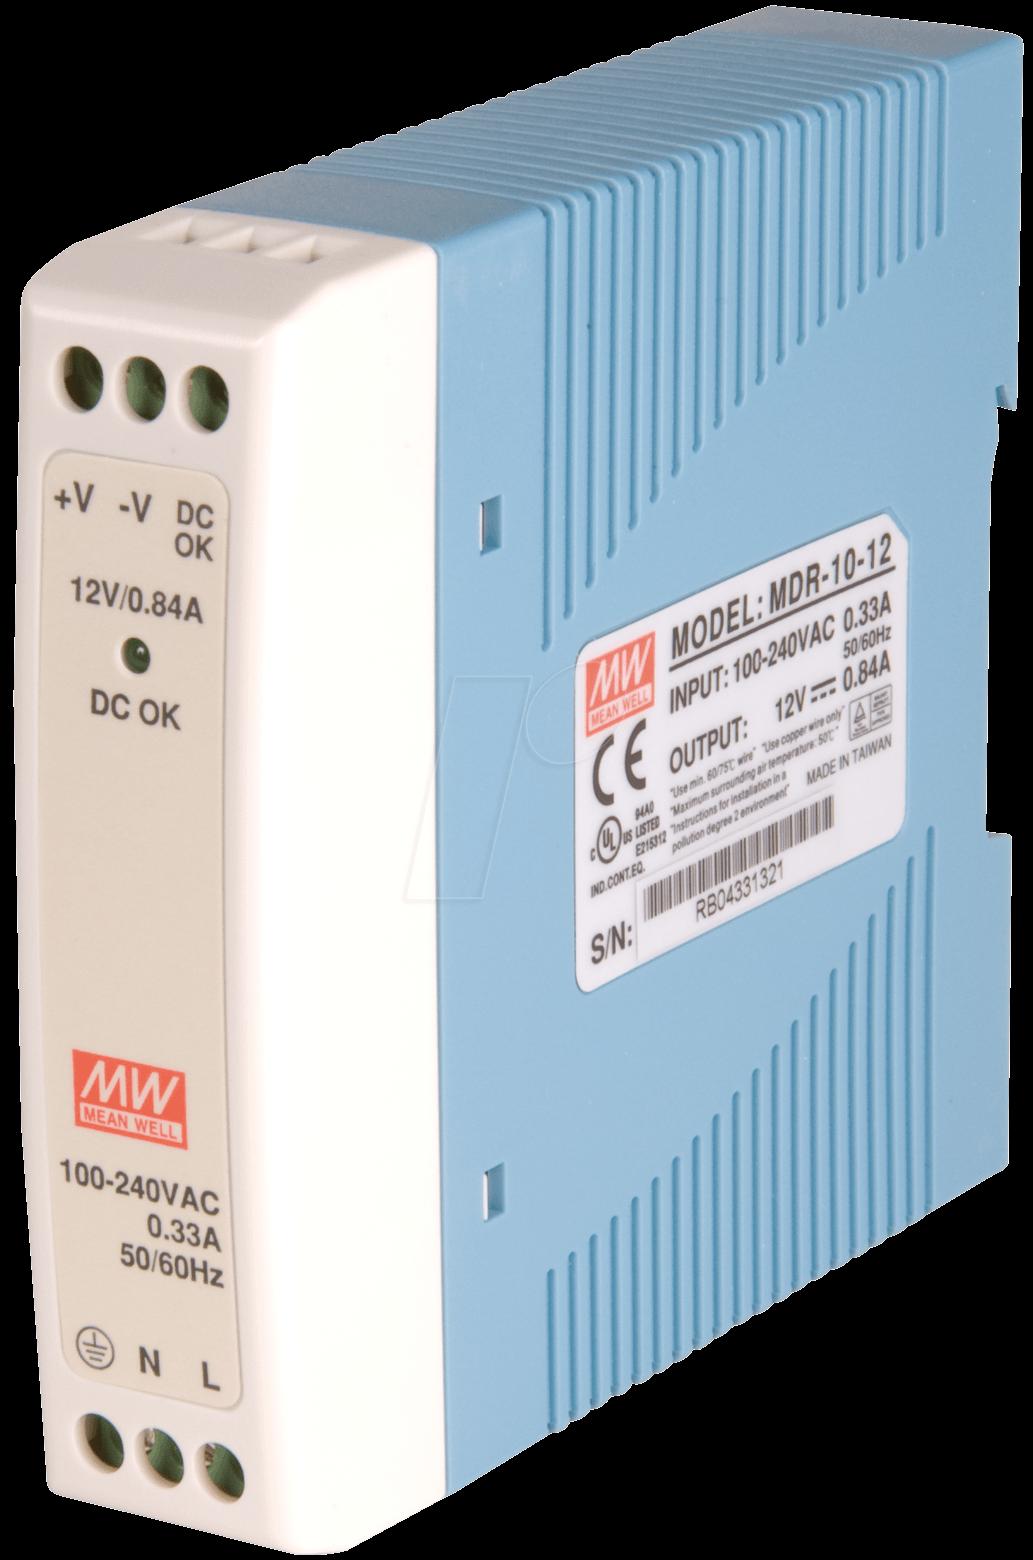 SNT MW-MDR10-12 - Schaltnetzteil, DIN-Montage, 10W / 12V / 0,84A